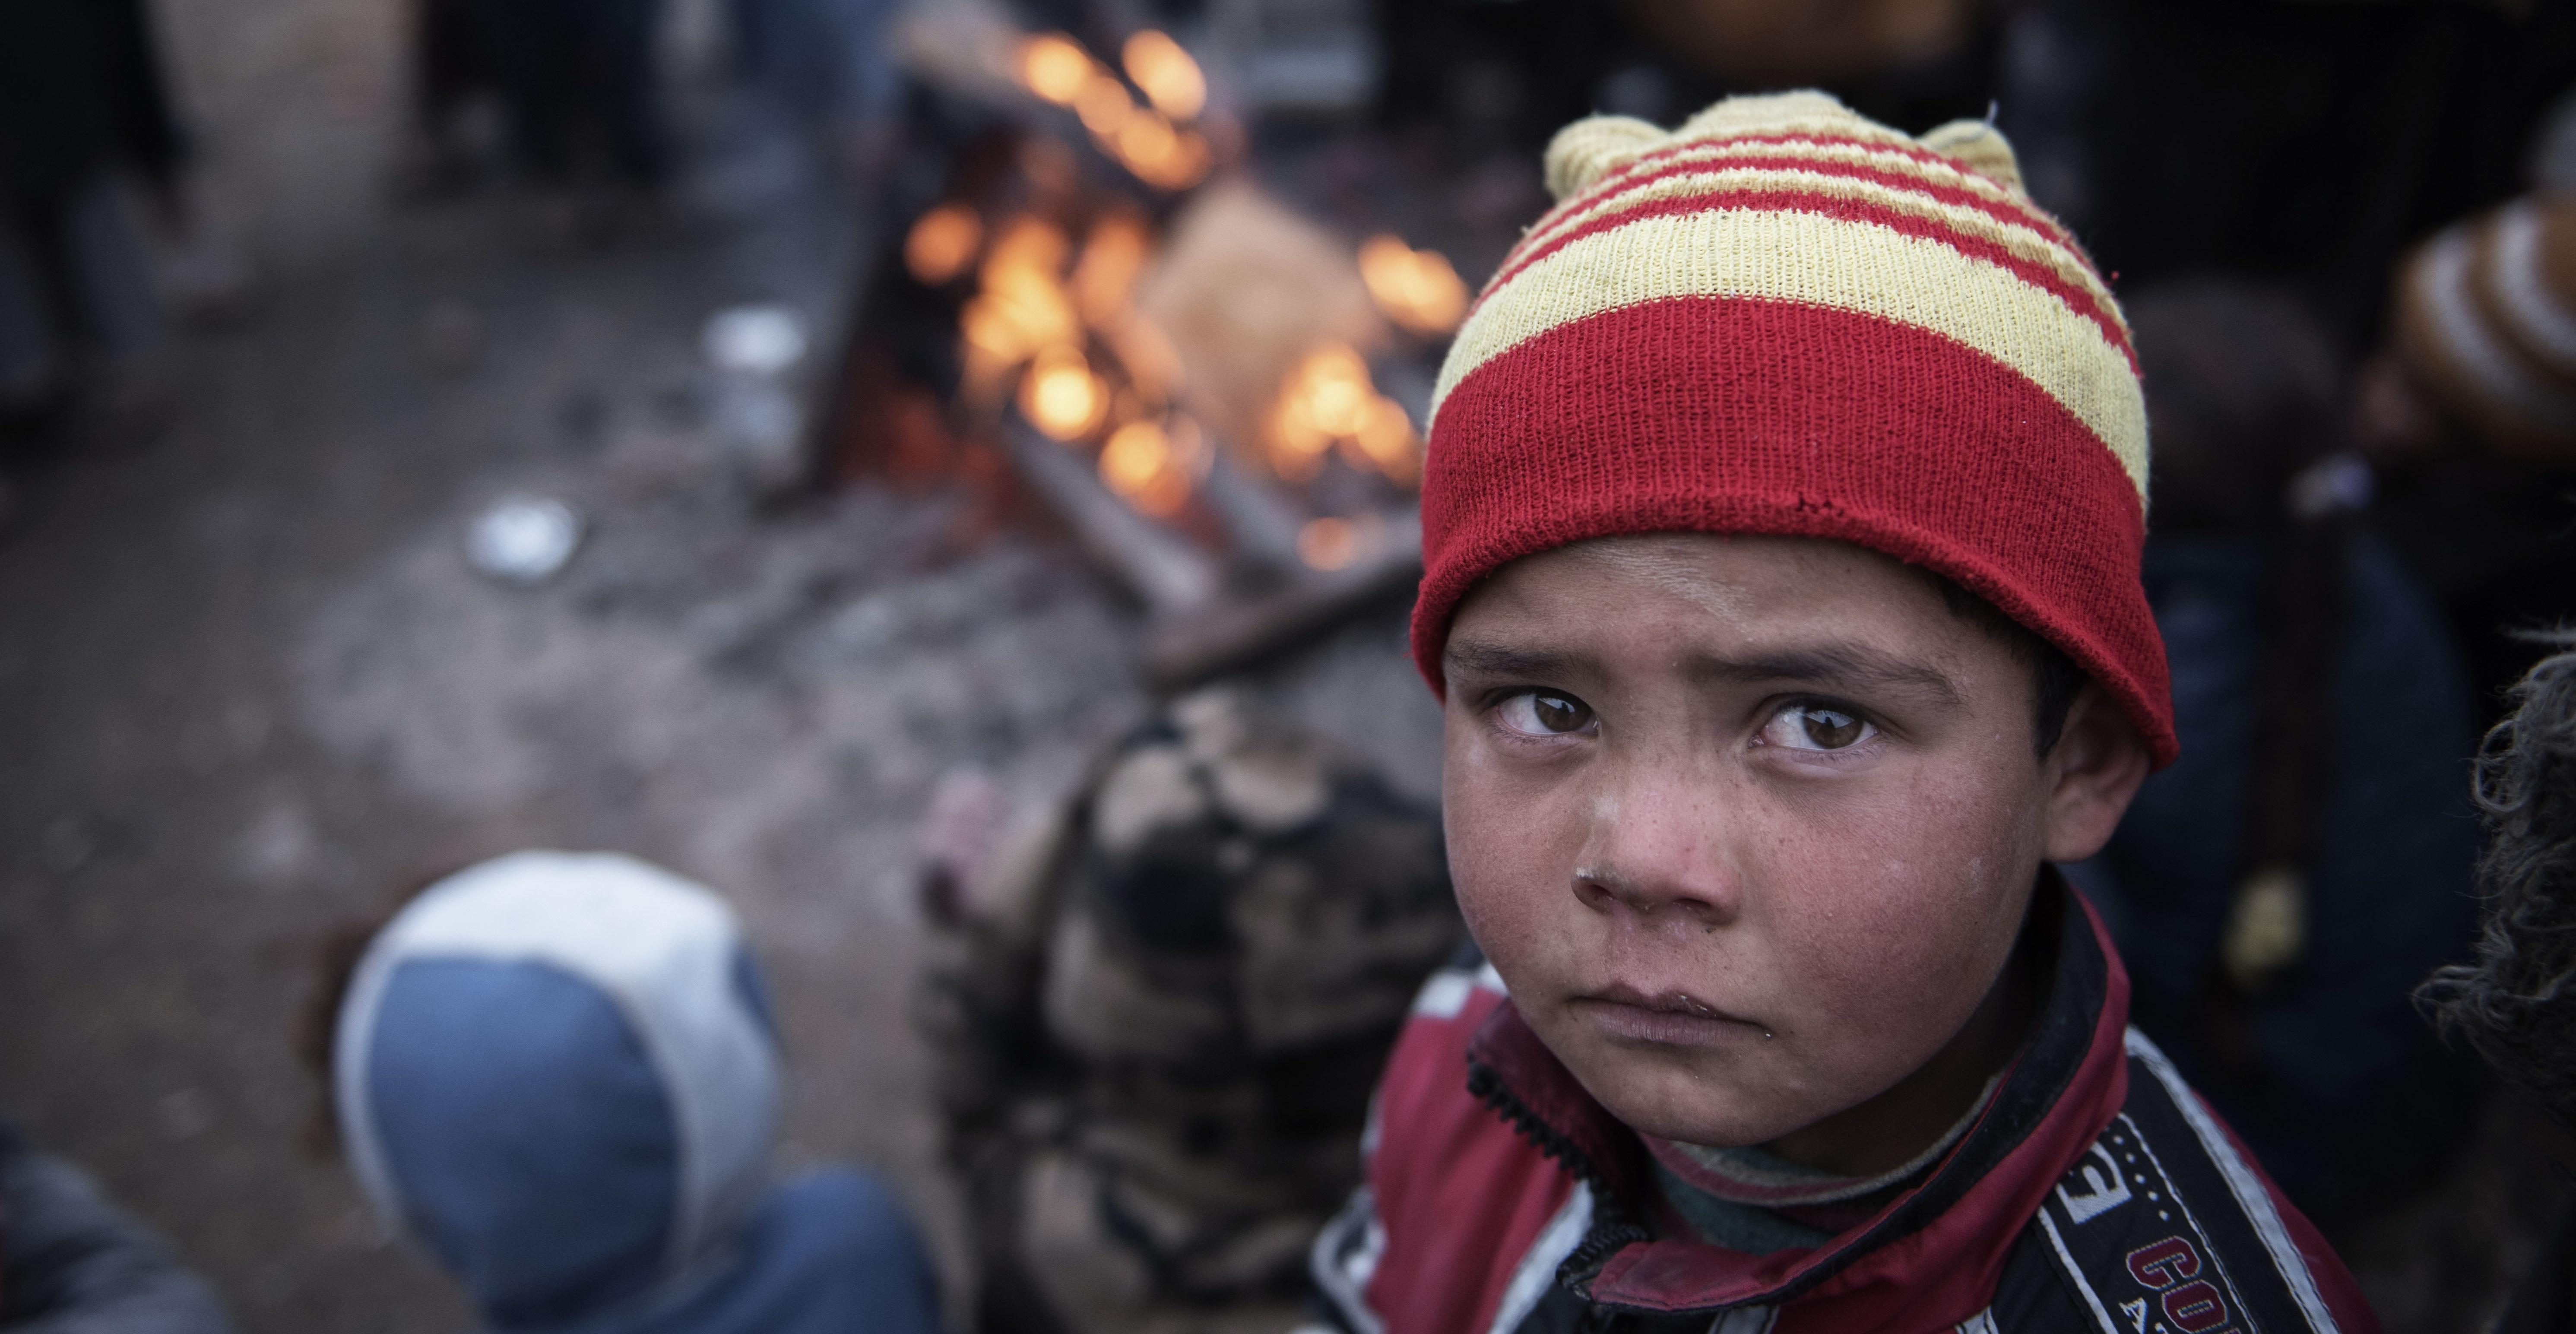 100 mil crianças em risco em Mossul — UNICEF